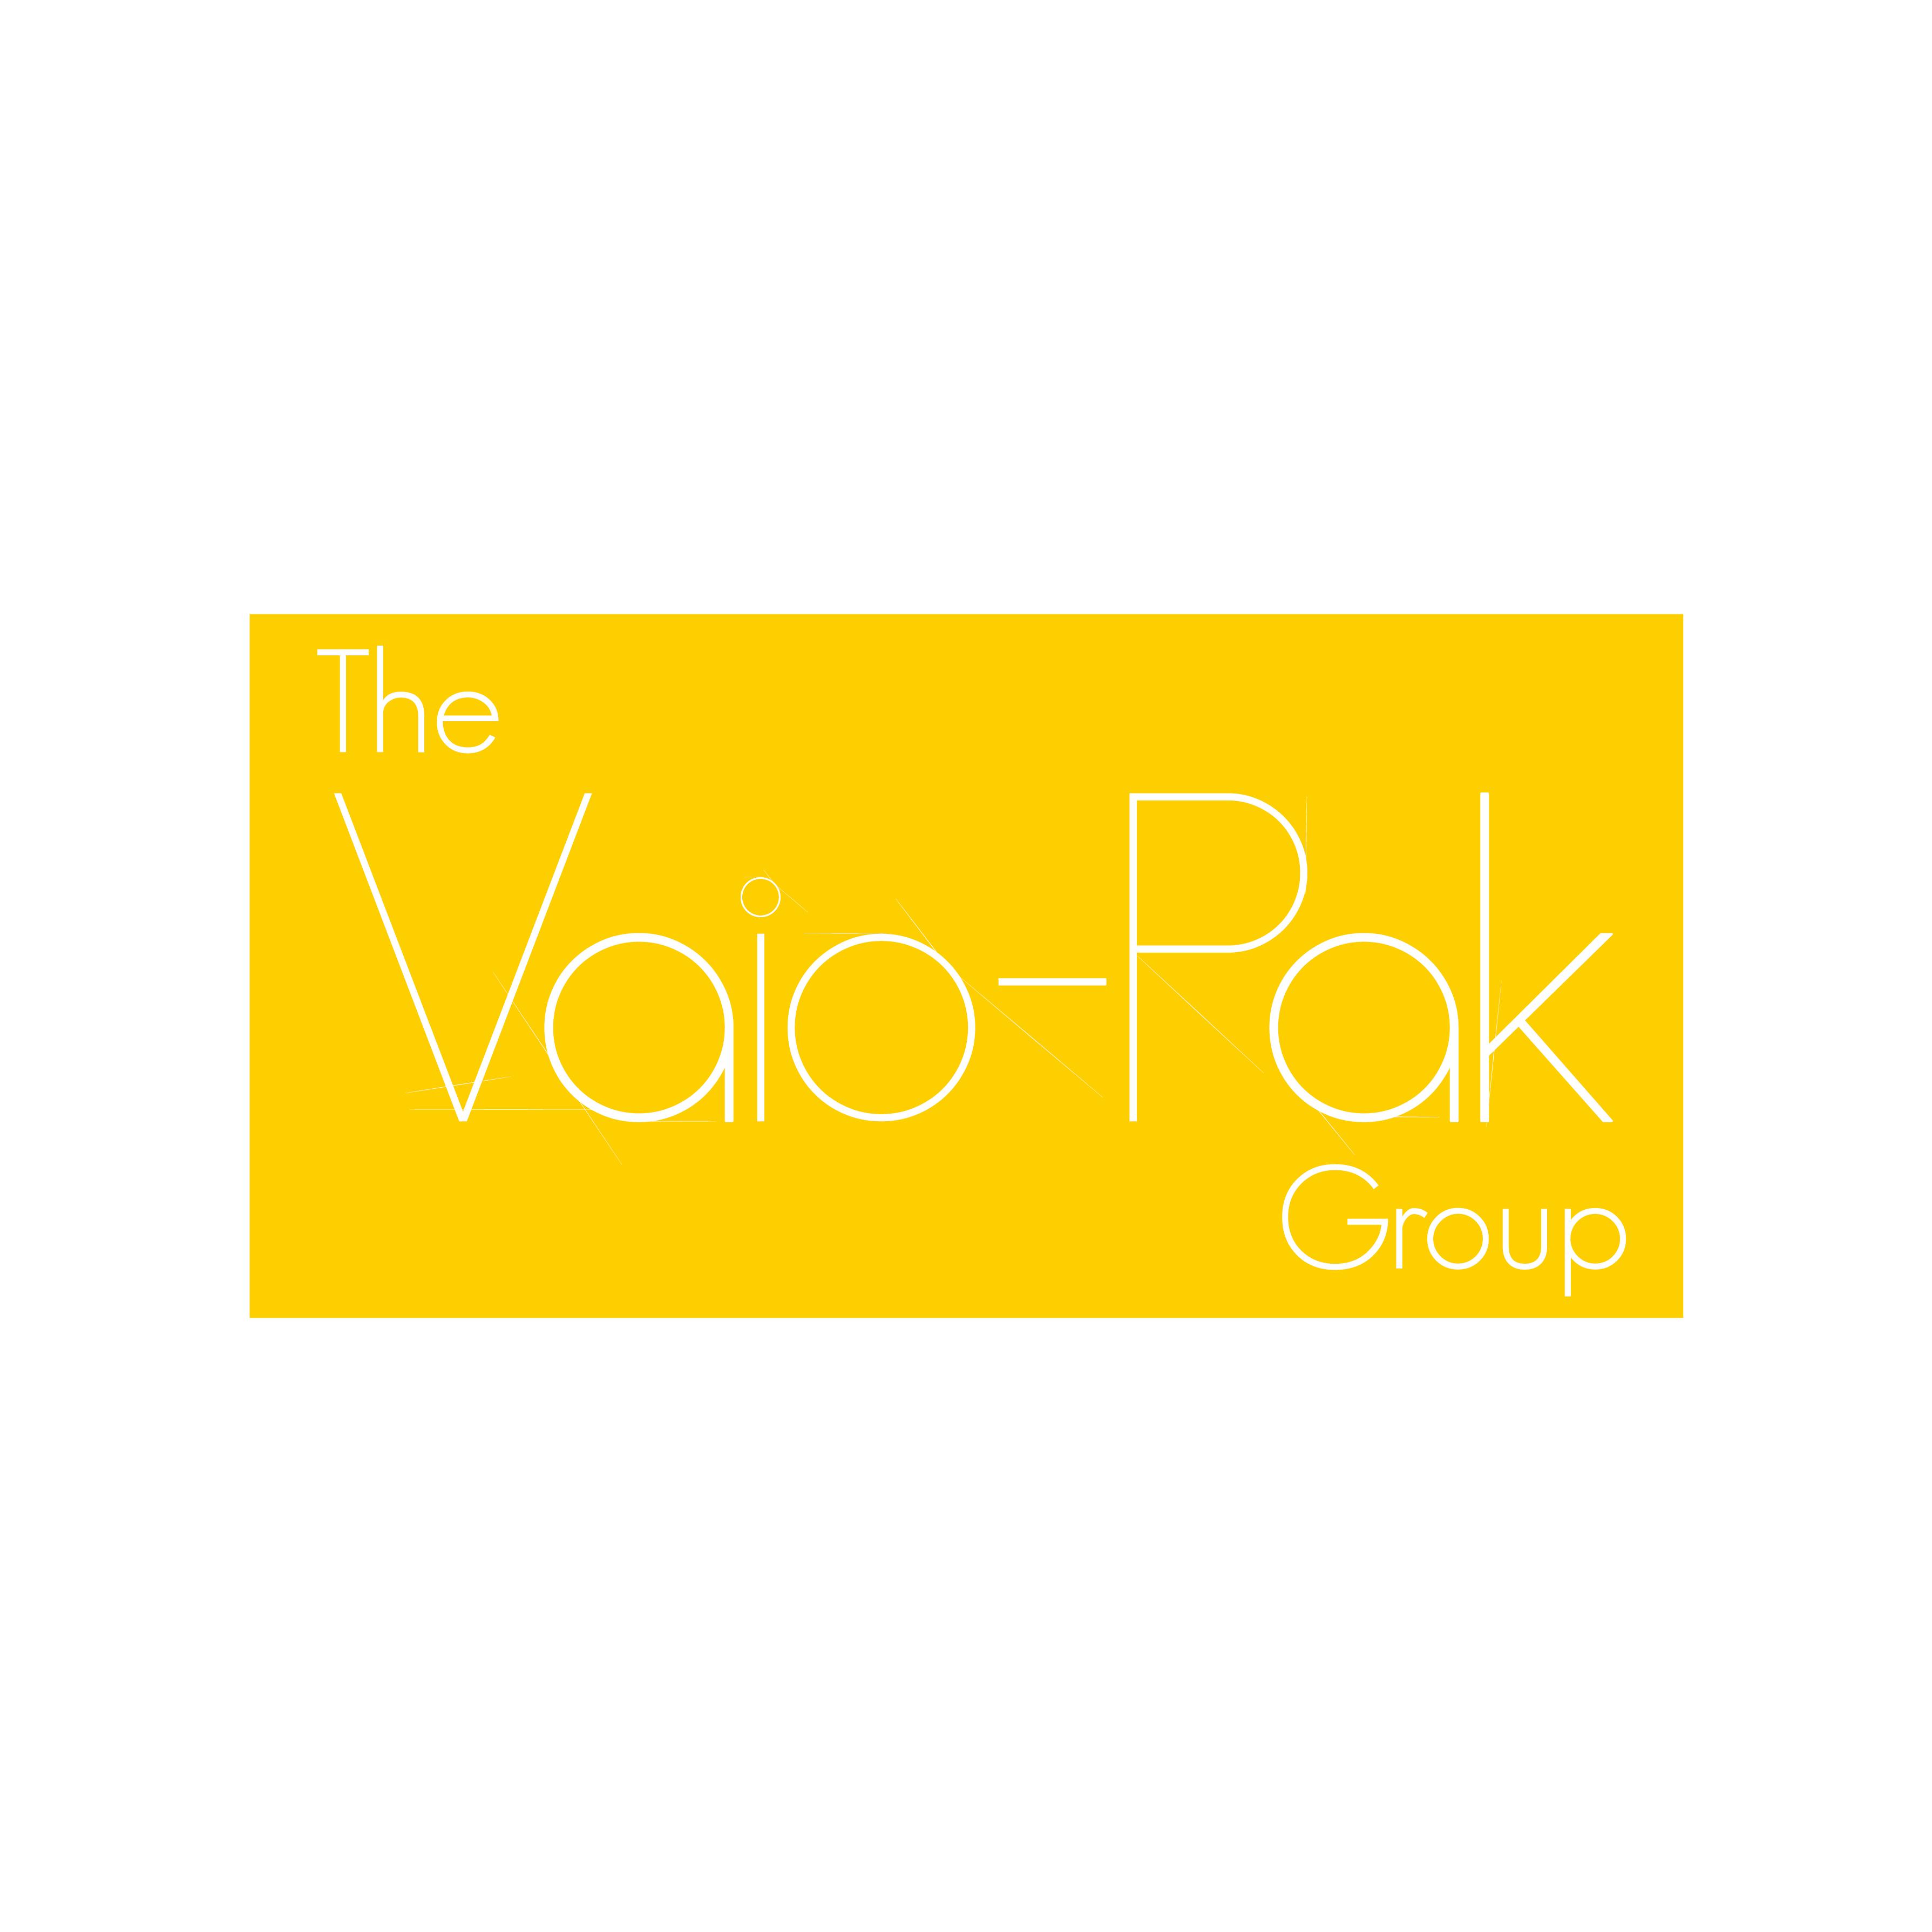 Vaio-Pak Group